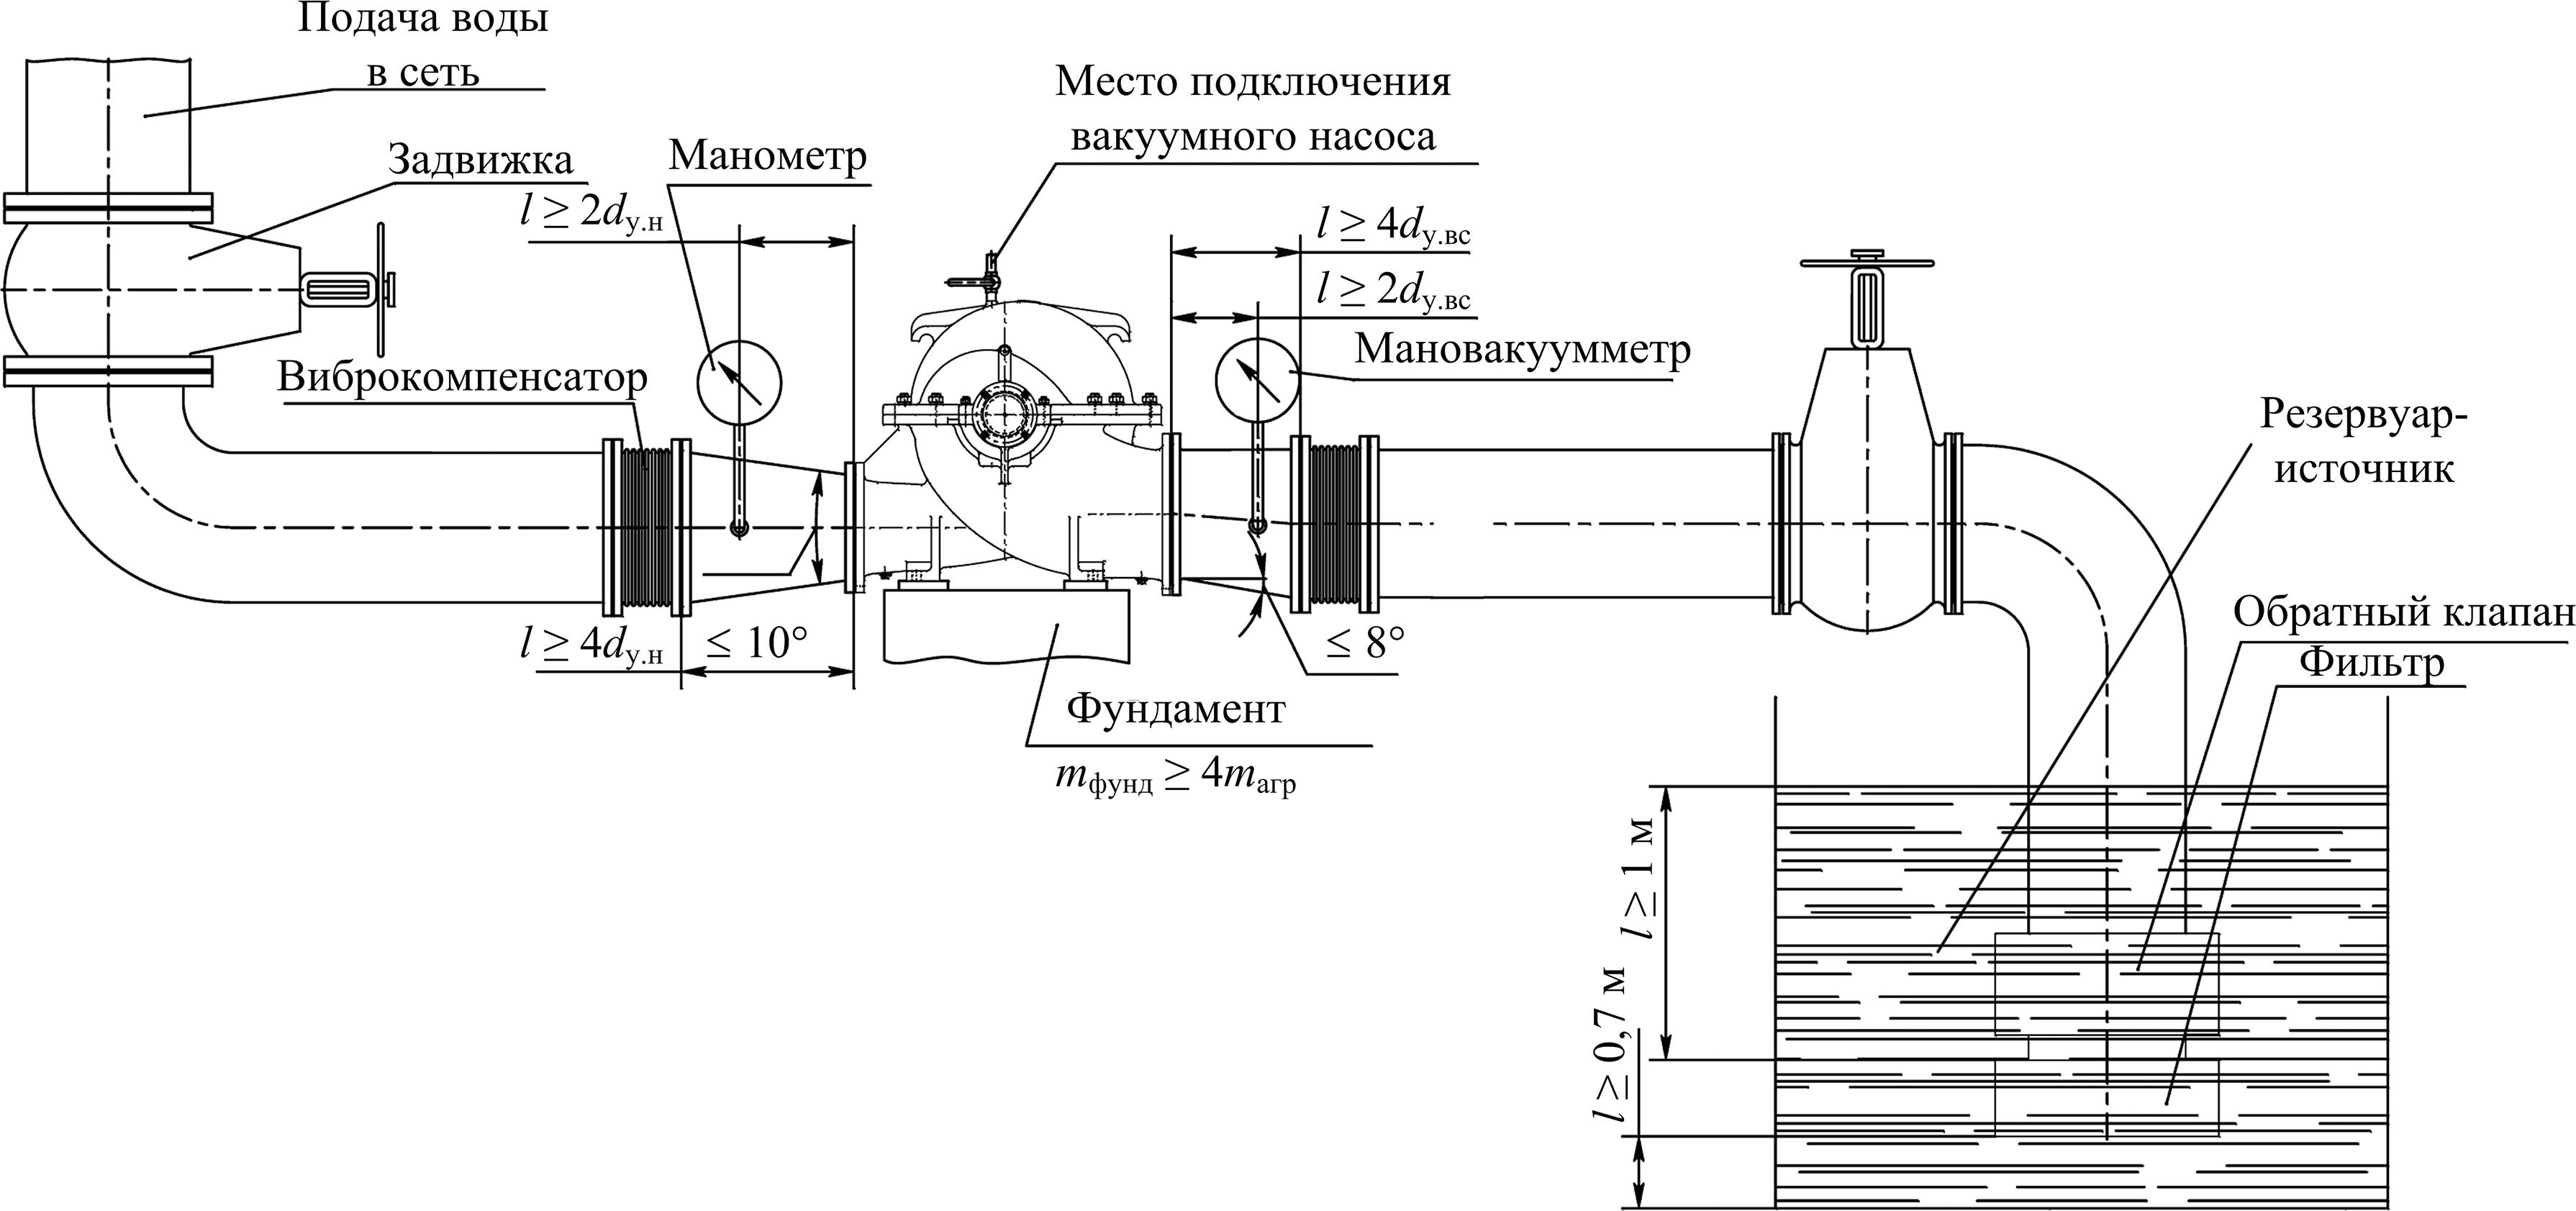 Центробежный насосный агрегат, расположенный выше уровня воды в резервуаре-приемнике